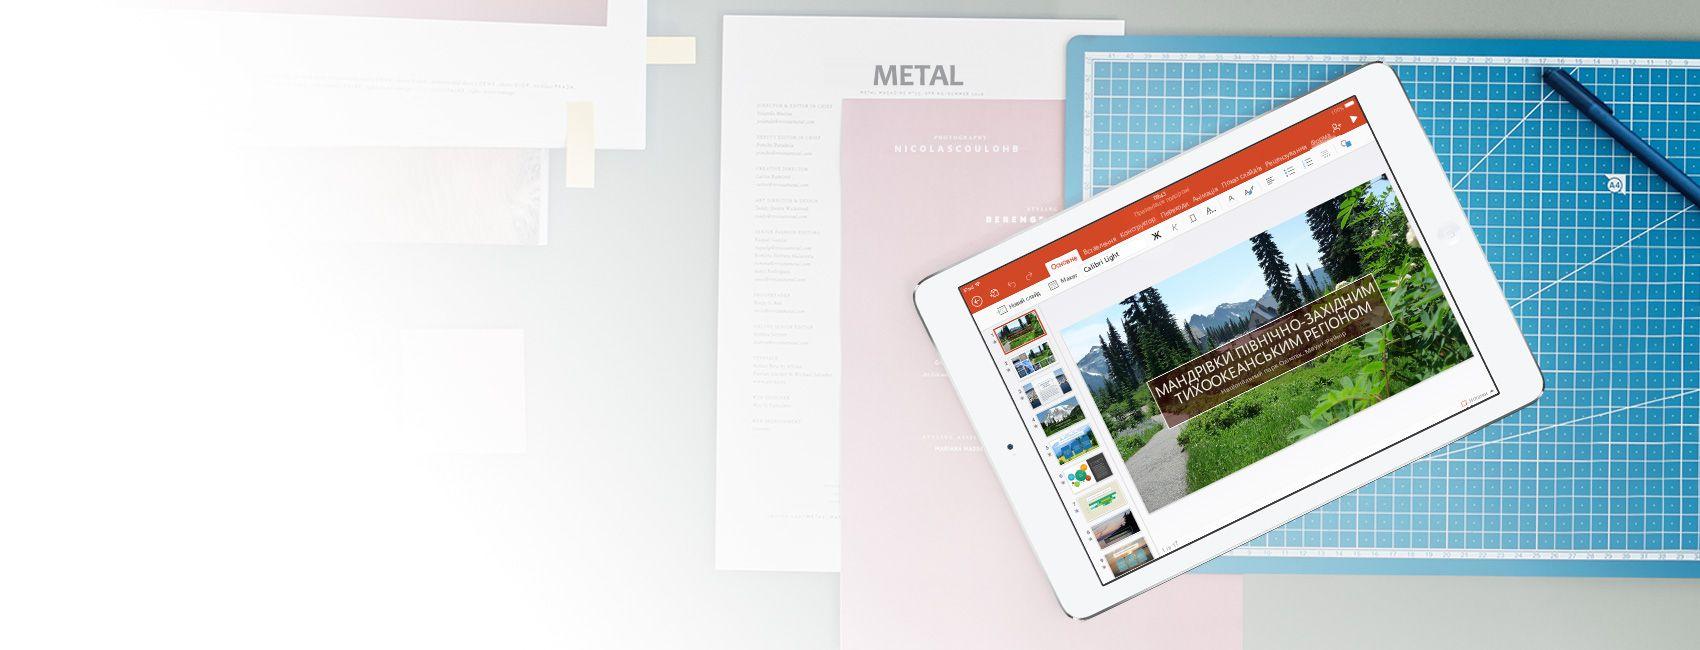 Планшет iPad, на якому відкрито презентацію PowerPoint про подорожі західним узбережжям Тихого океану